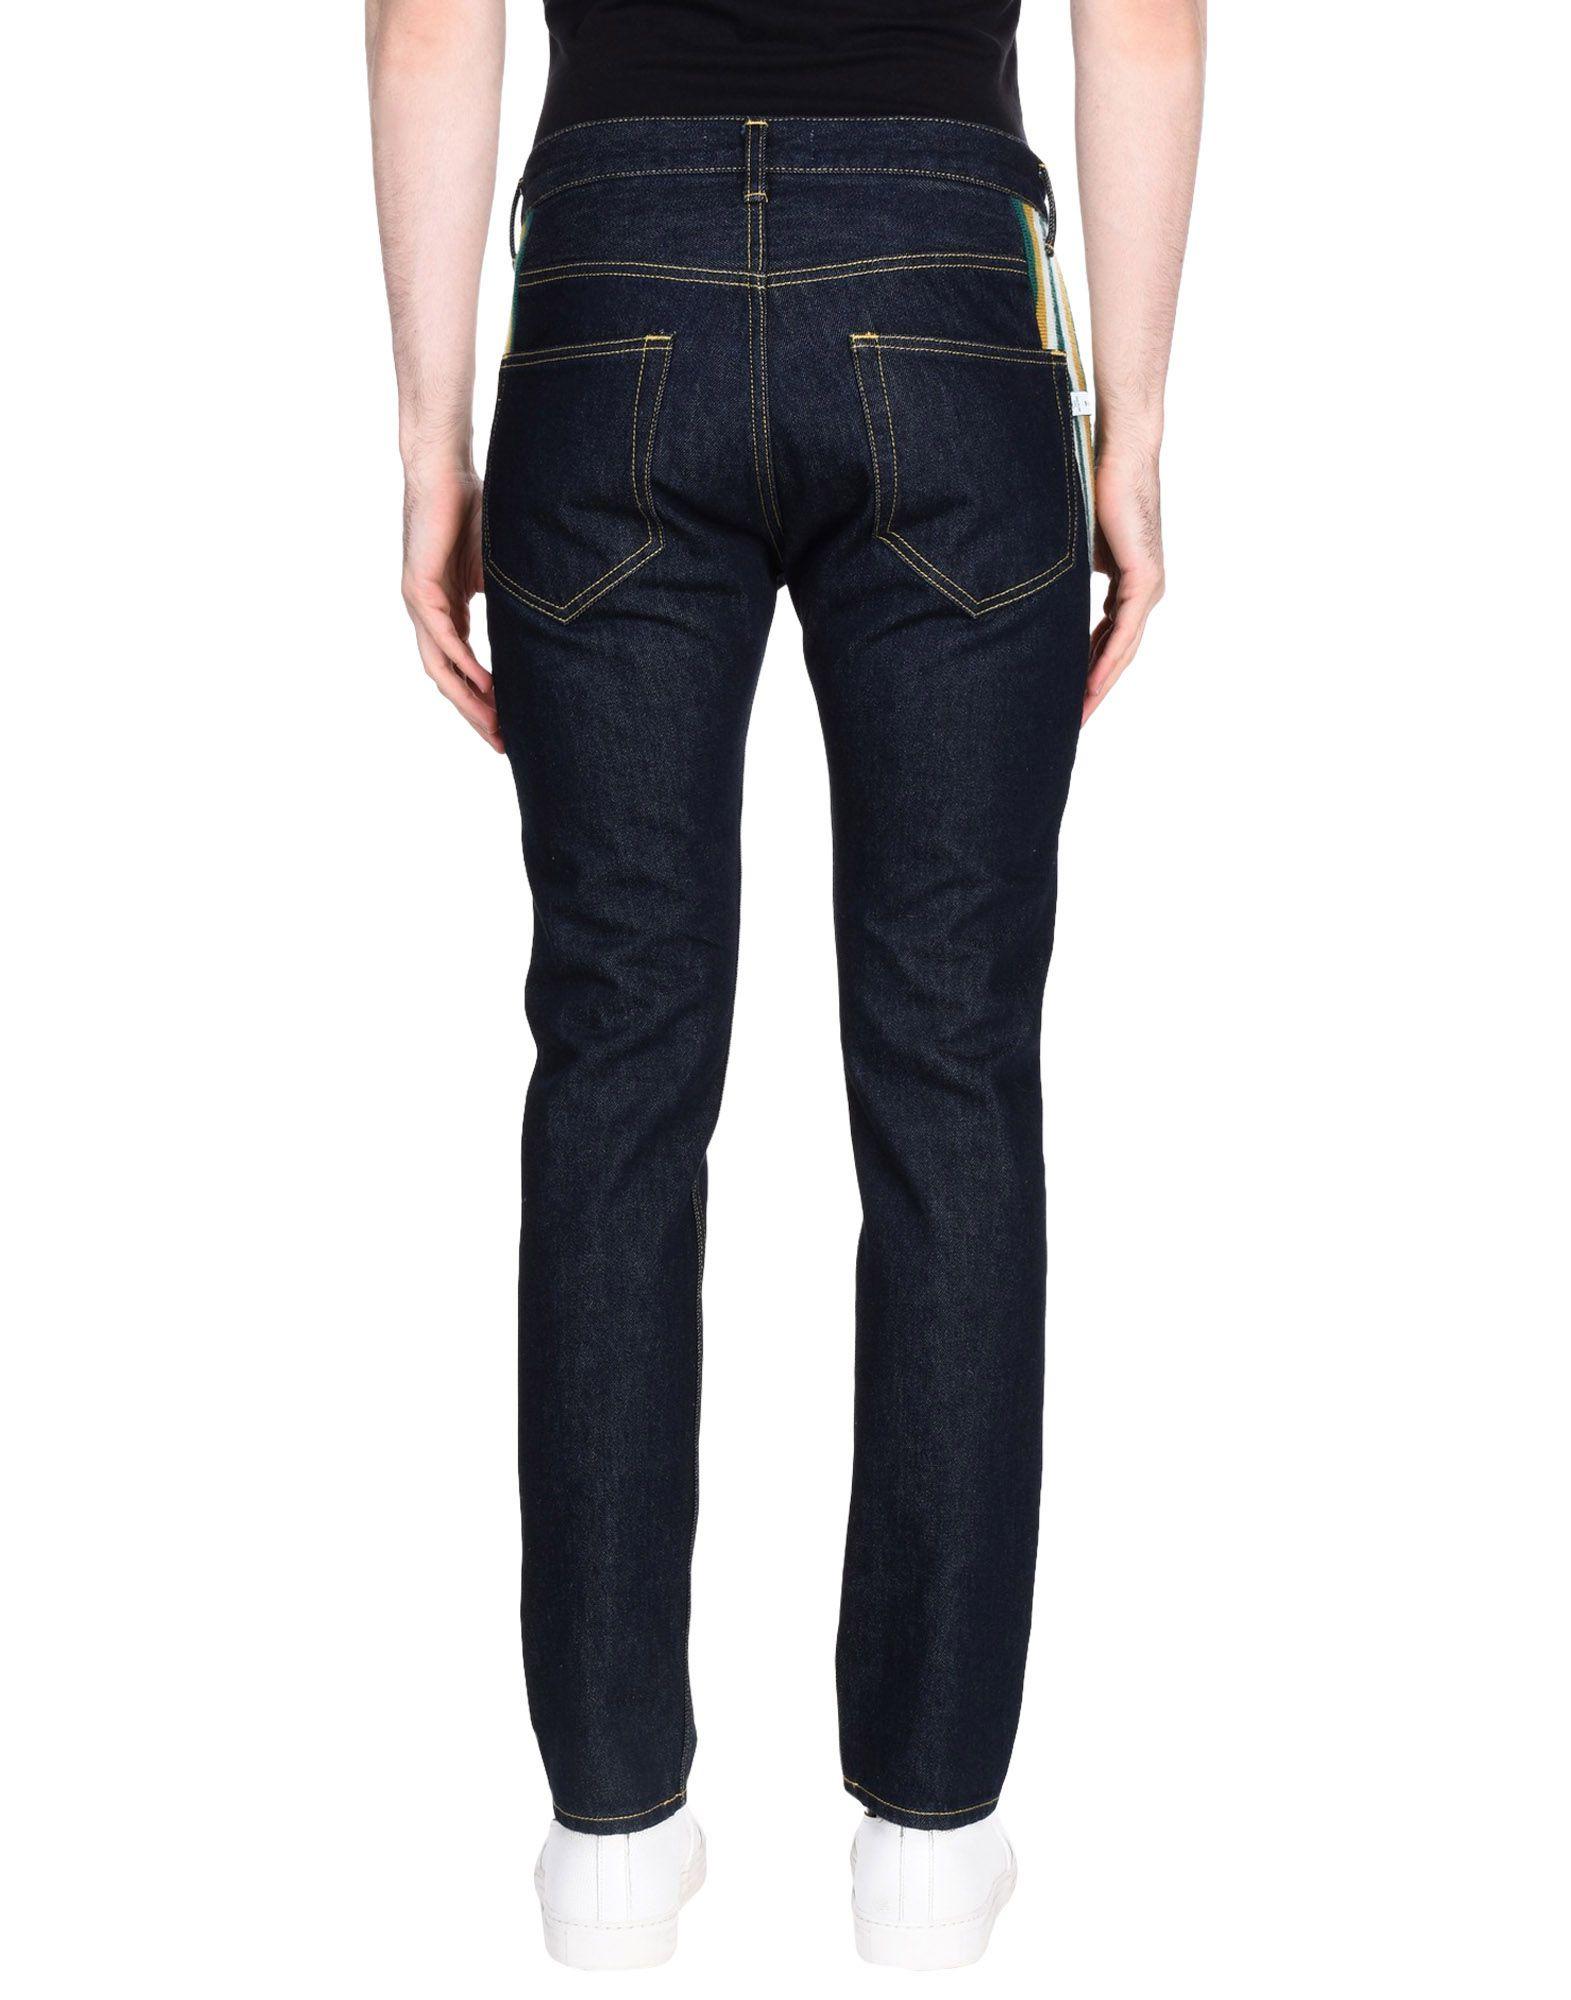 Pantaloni Jeans Facetasm Facetasm Facetasm Uomo - 42675388CF 506321